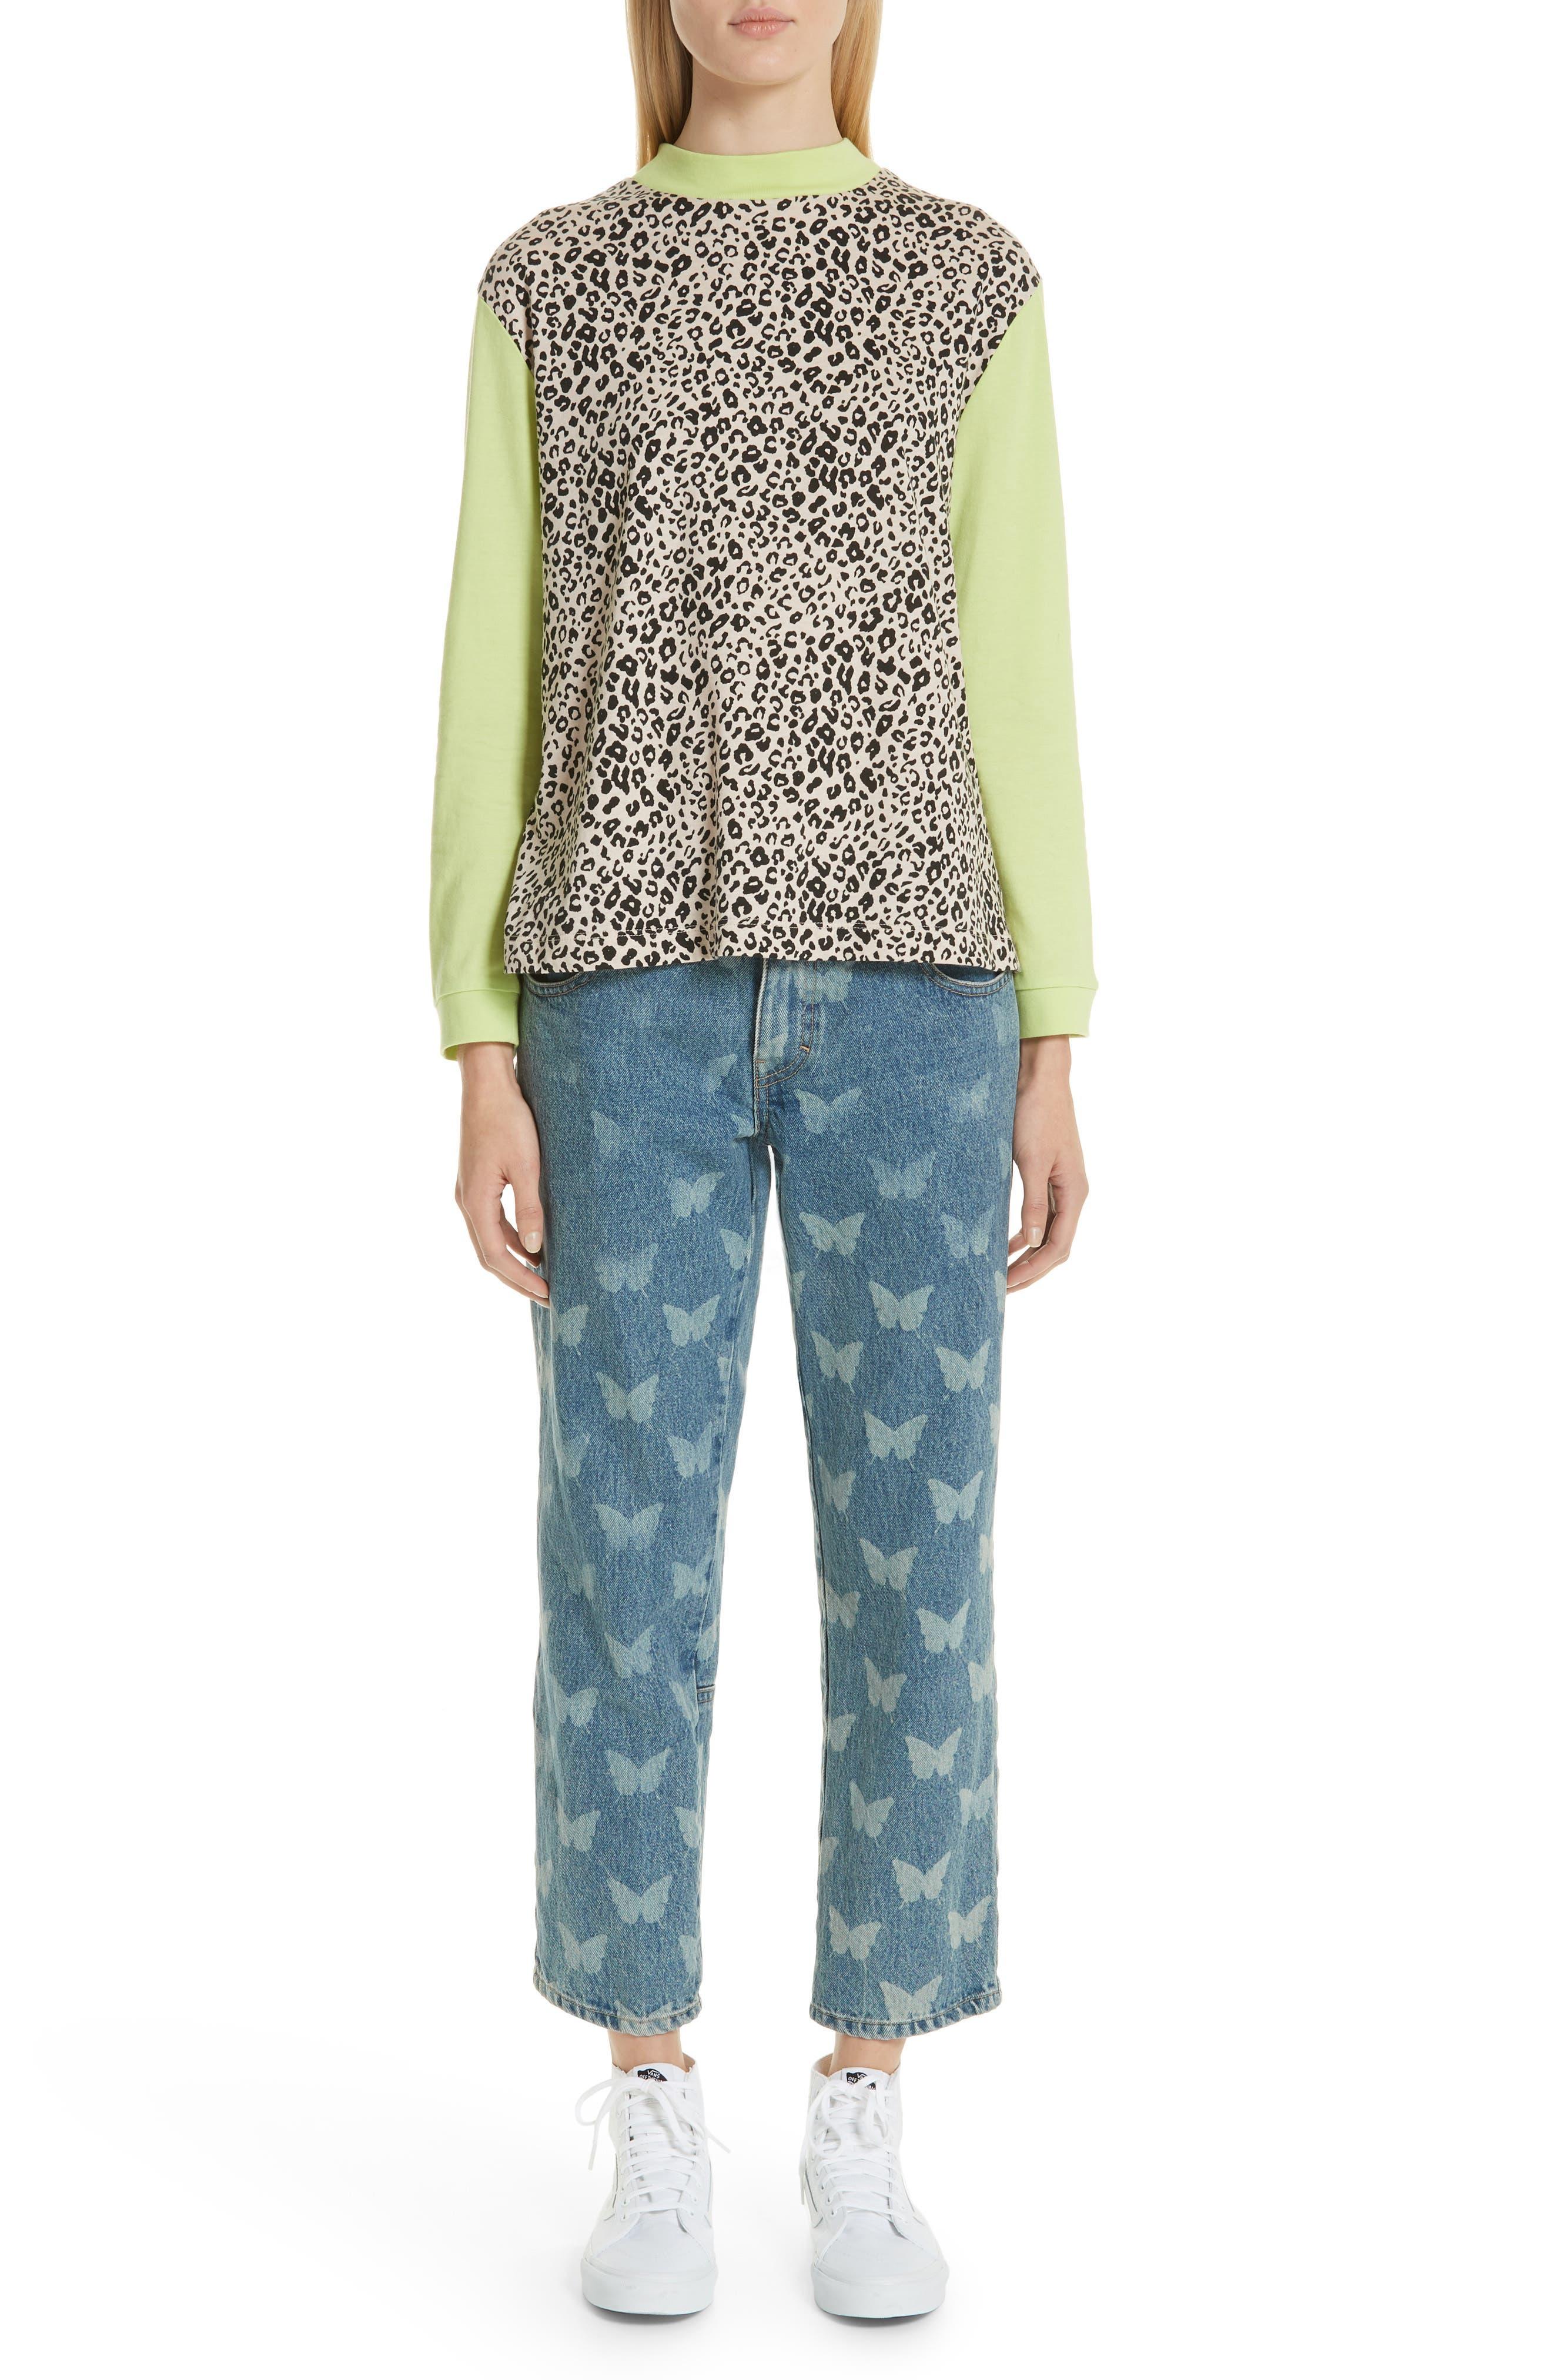 Lewis Leopard & Neon Sweater,                             Alternate thumbnail 7, color,                             SNOW LEOPARD